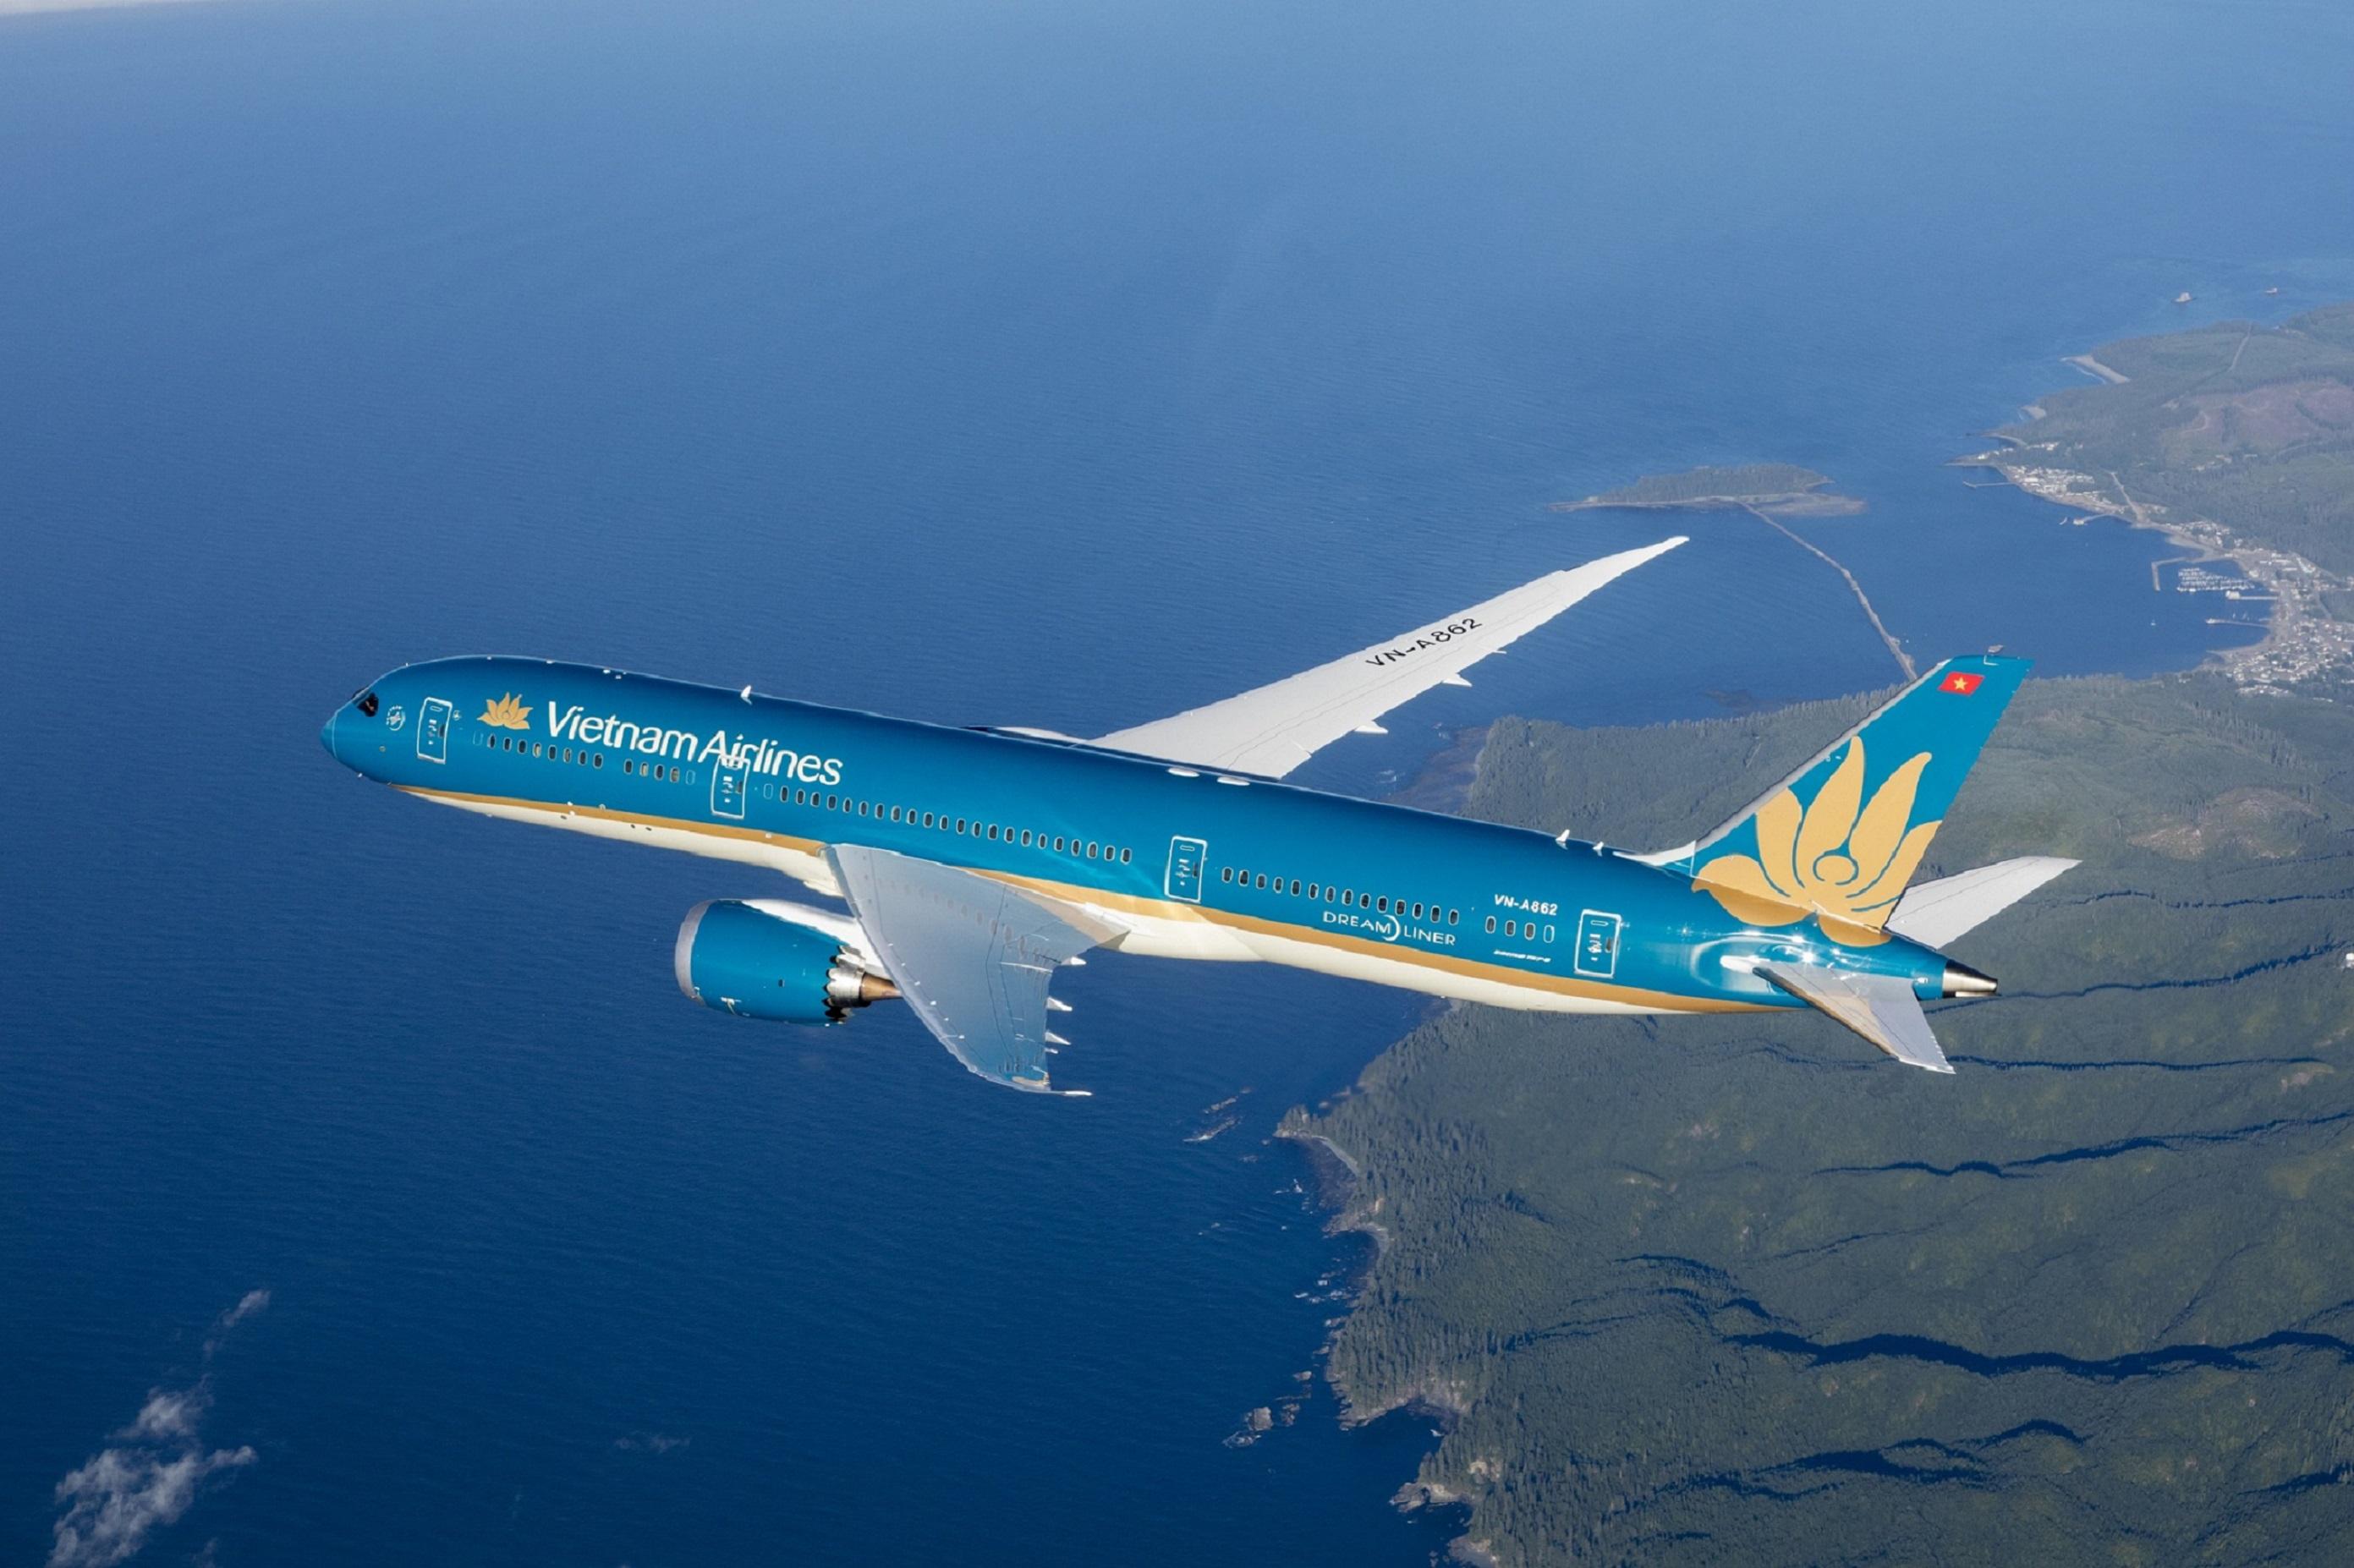 Chính thức mở chuyến bay thương mại quốc tế thường lệ đầu tiên về Việt Nam - Ảnh 1.